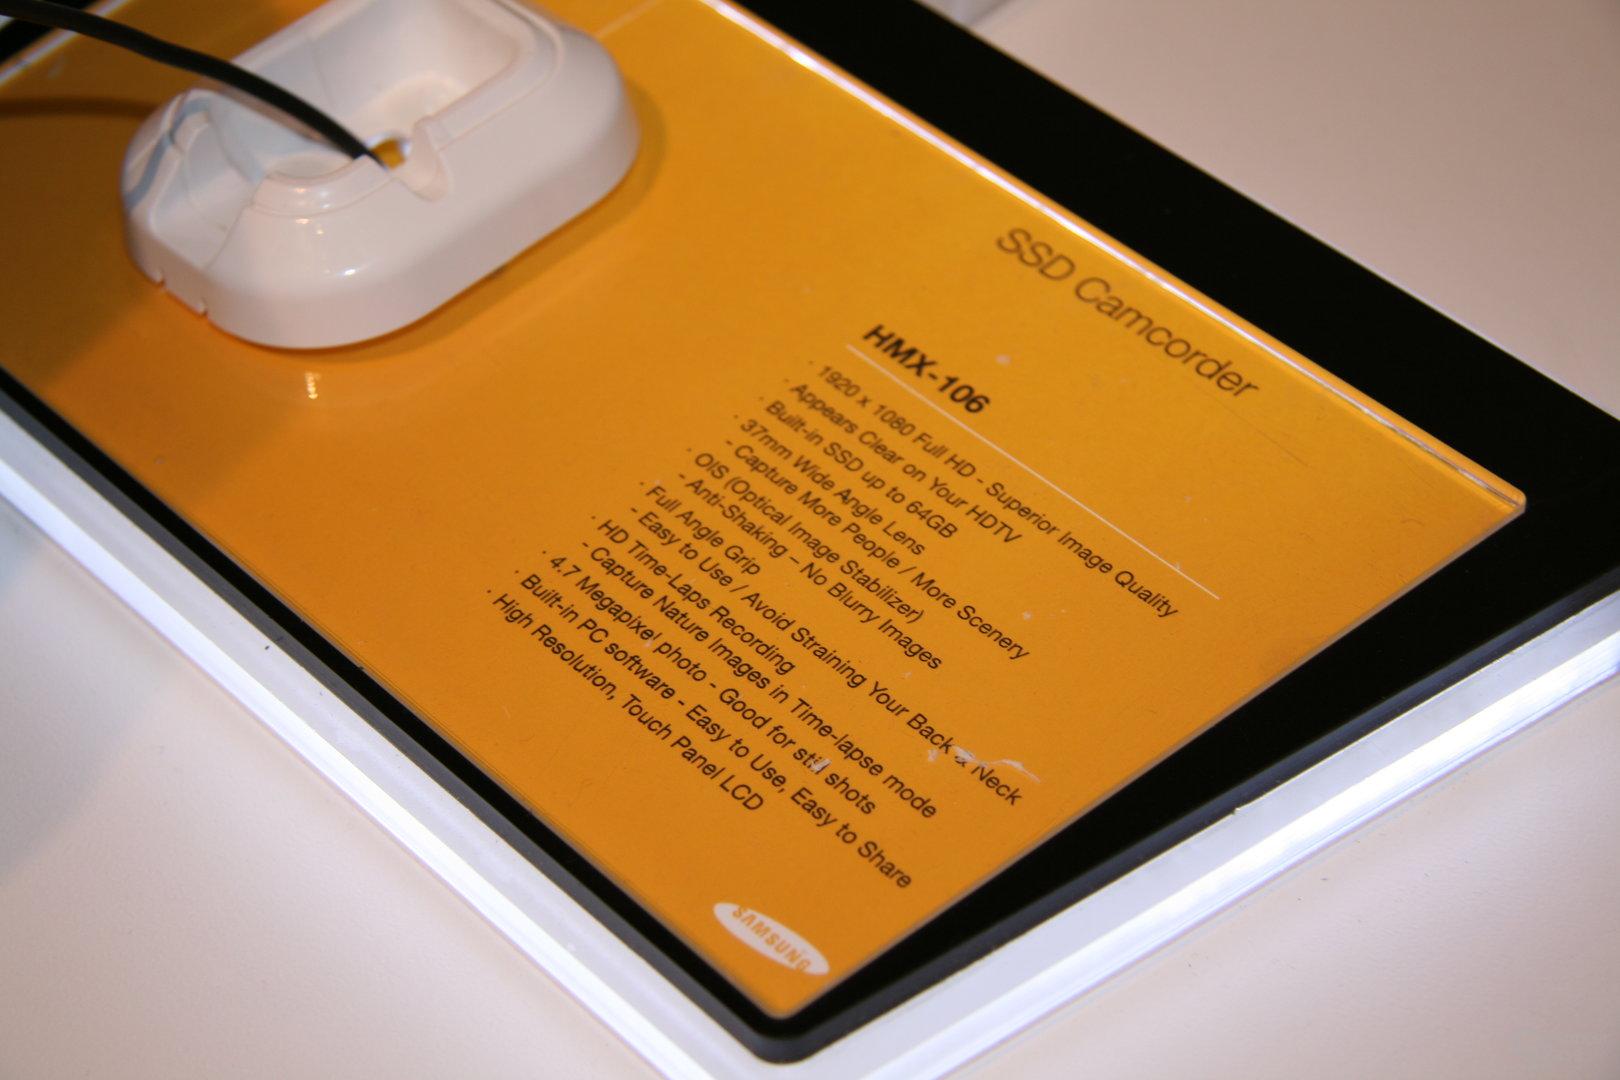 Samsung Camcorder mit SSD auf der CES 2009